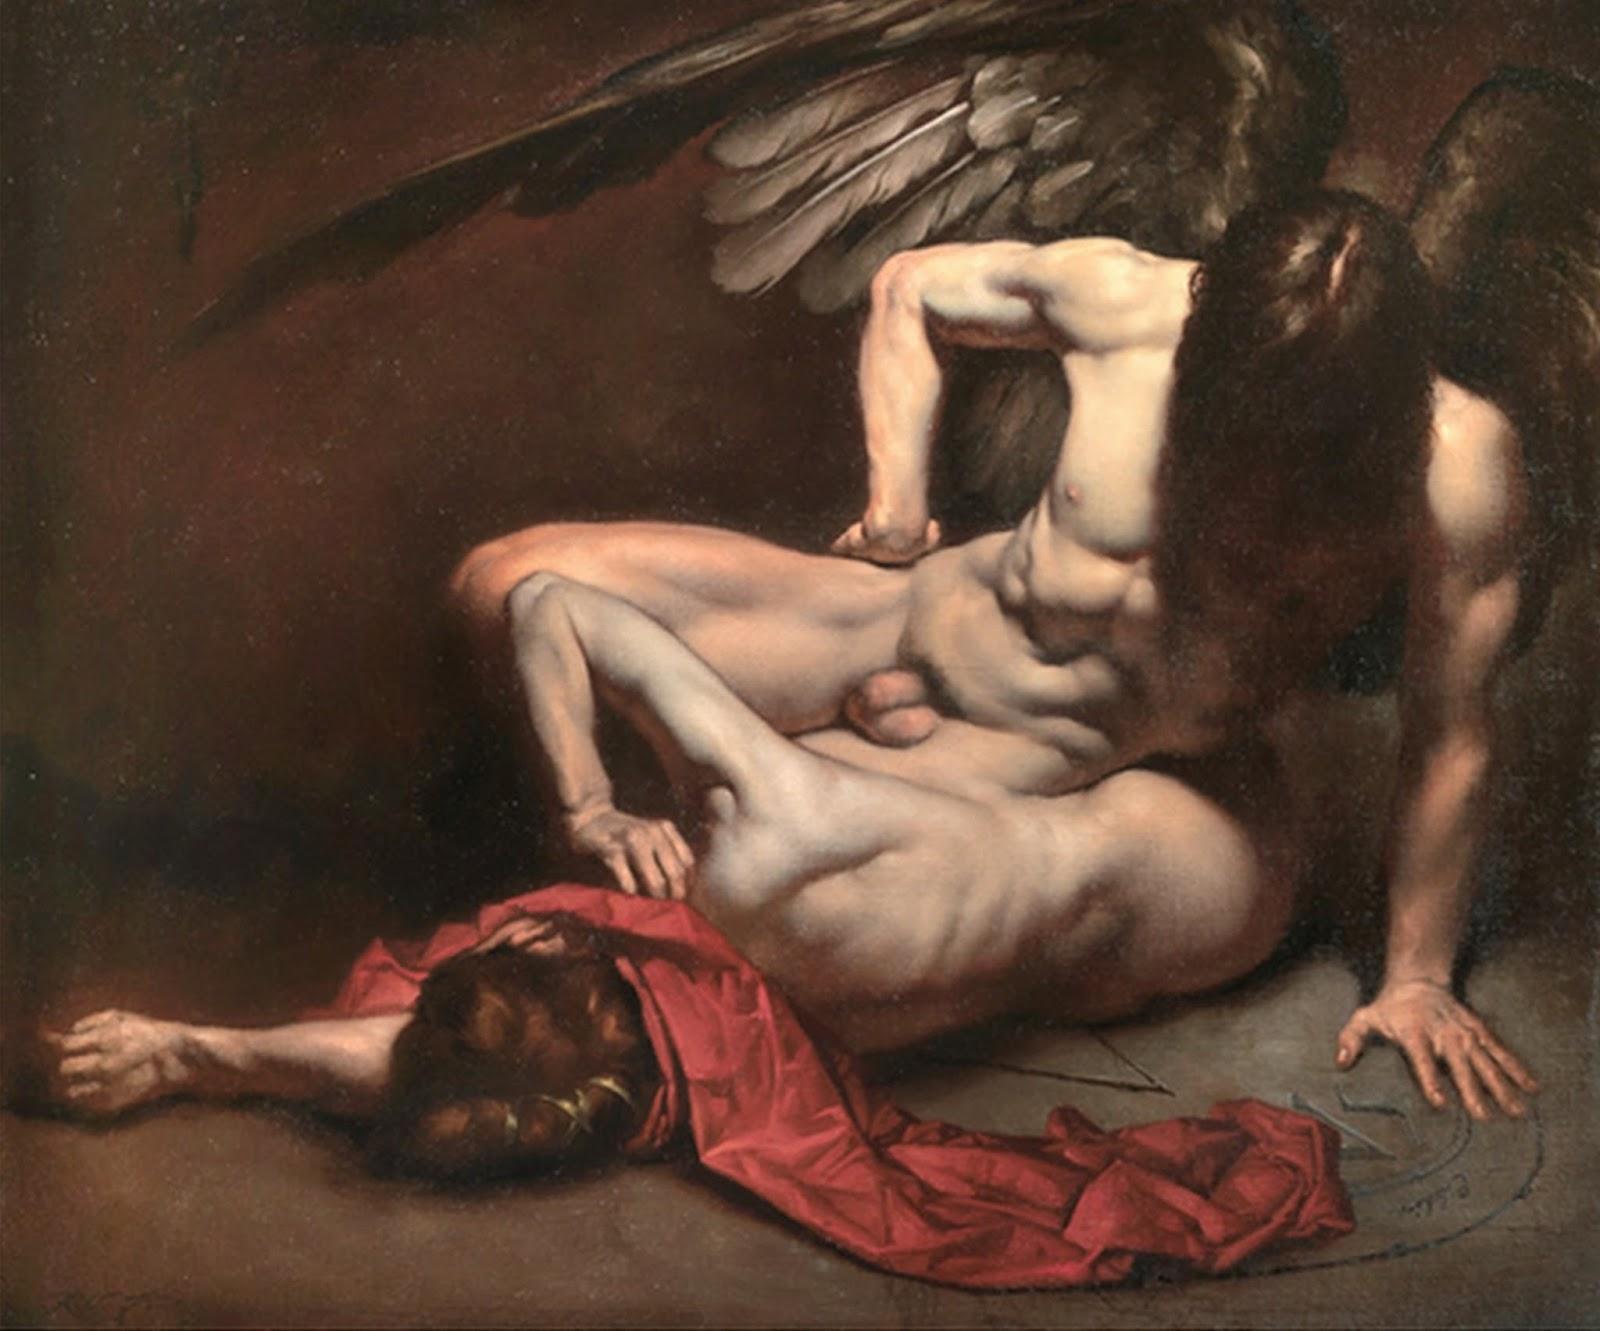 darius-erotic-painter